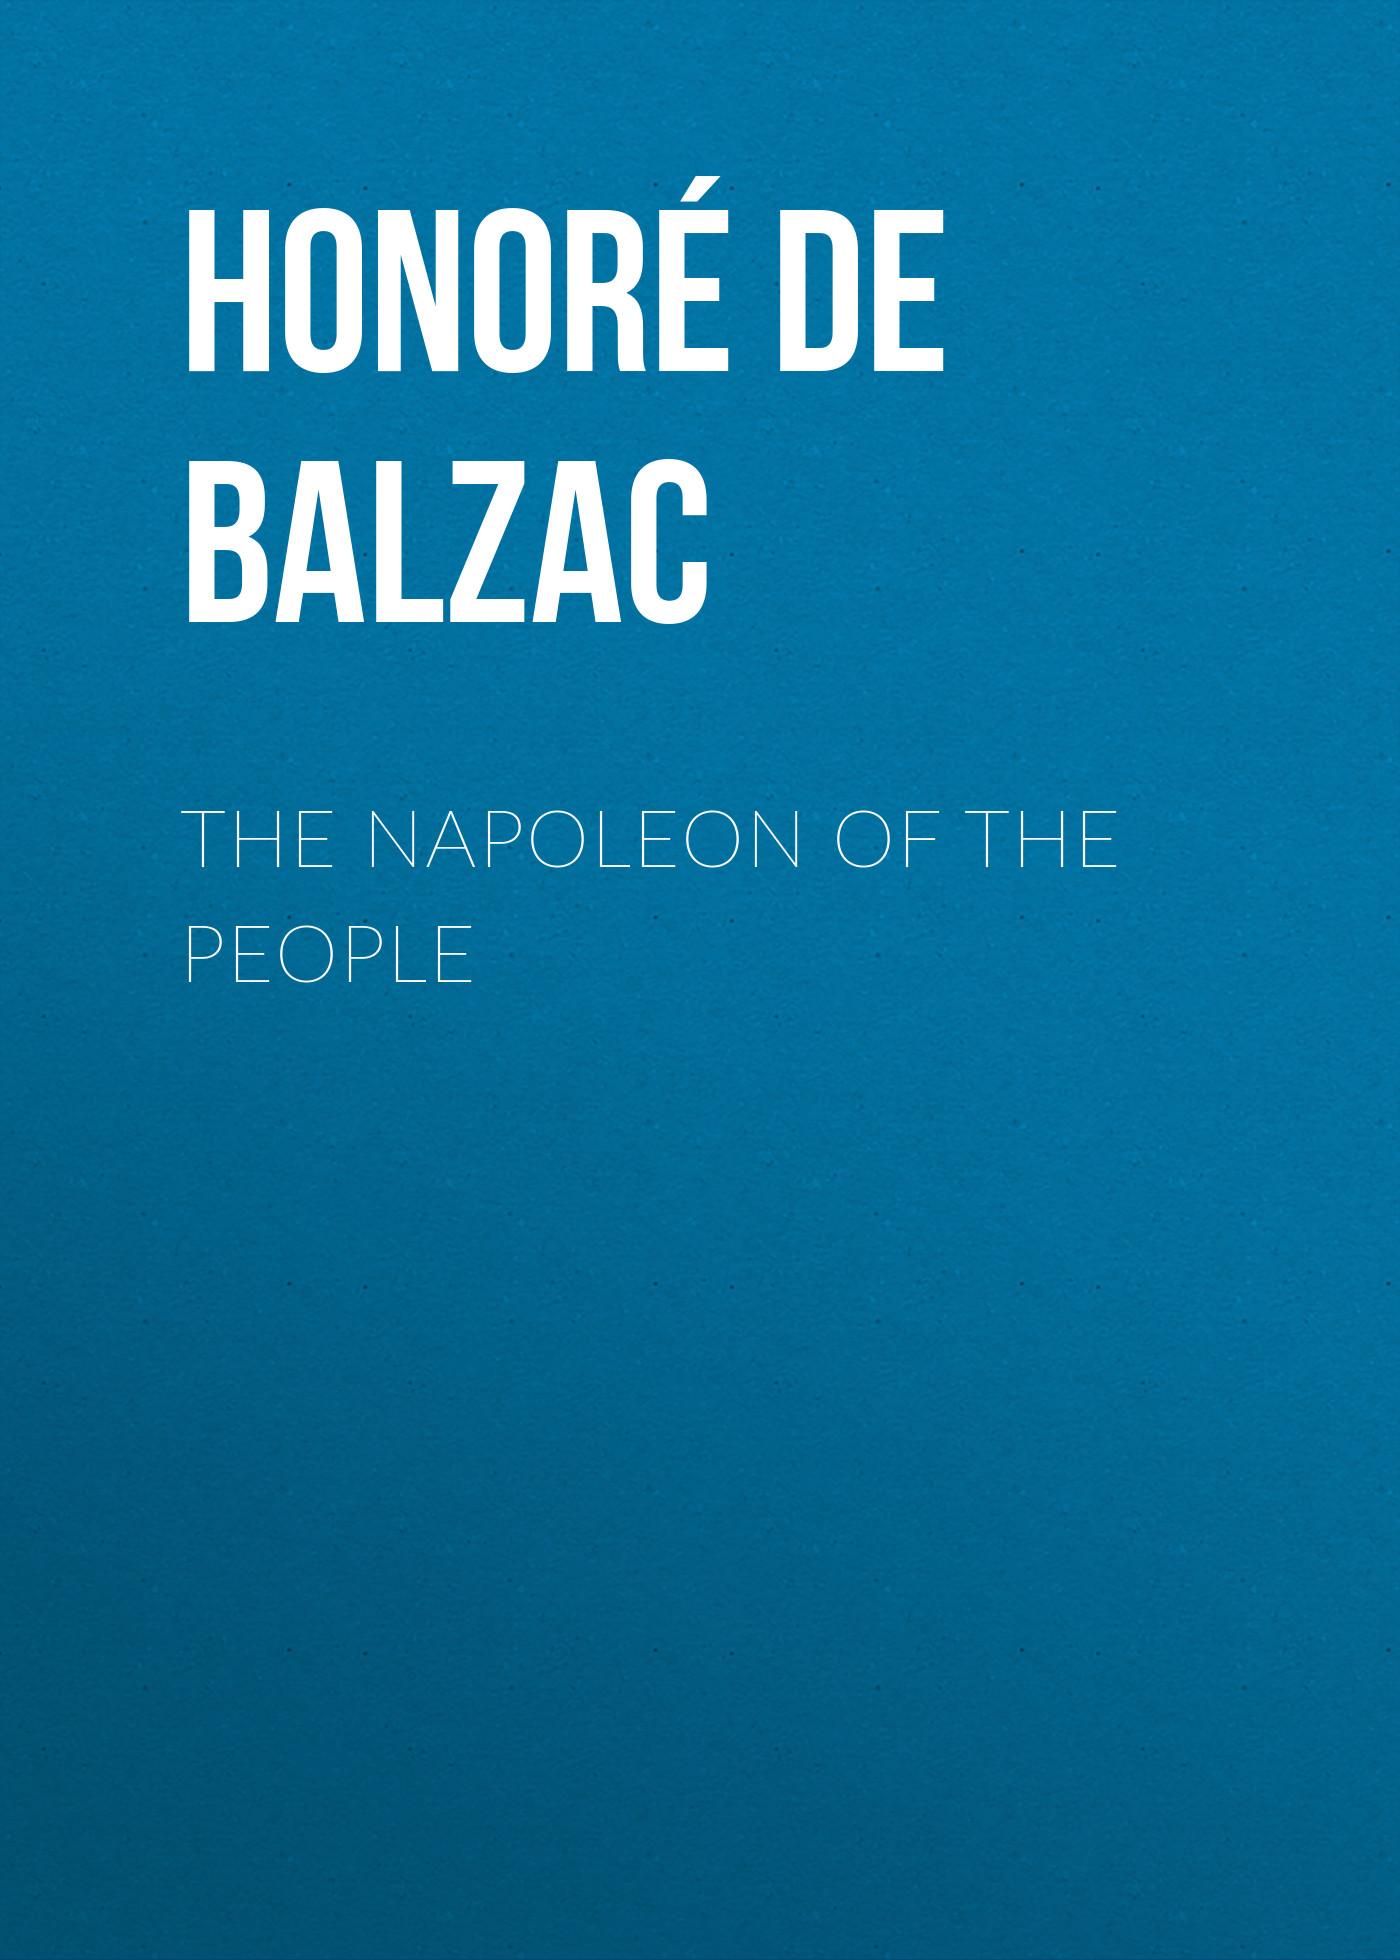 Оноре де Бальзак The Napoleon of the People оноре де бальзак the human comedy introductions and appendix